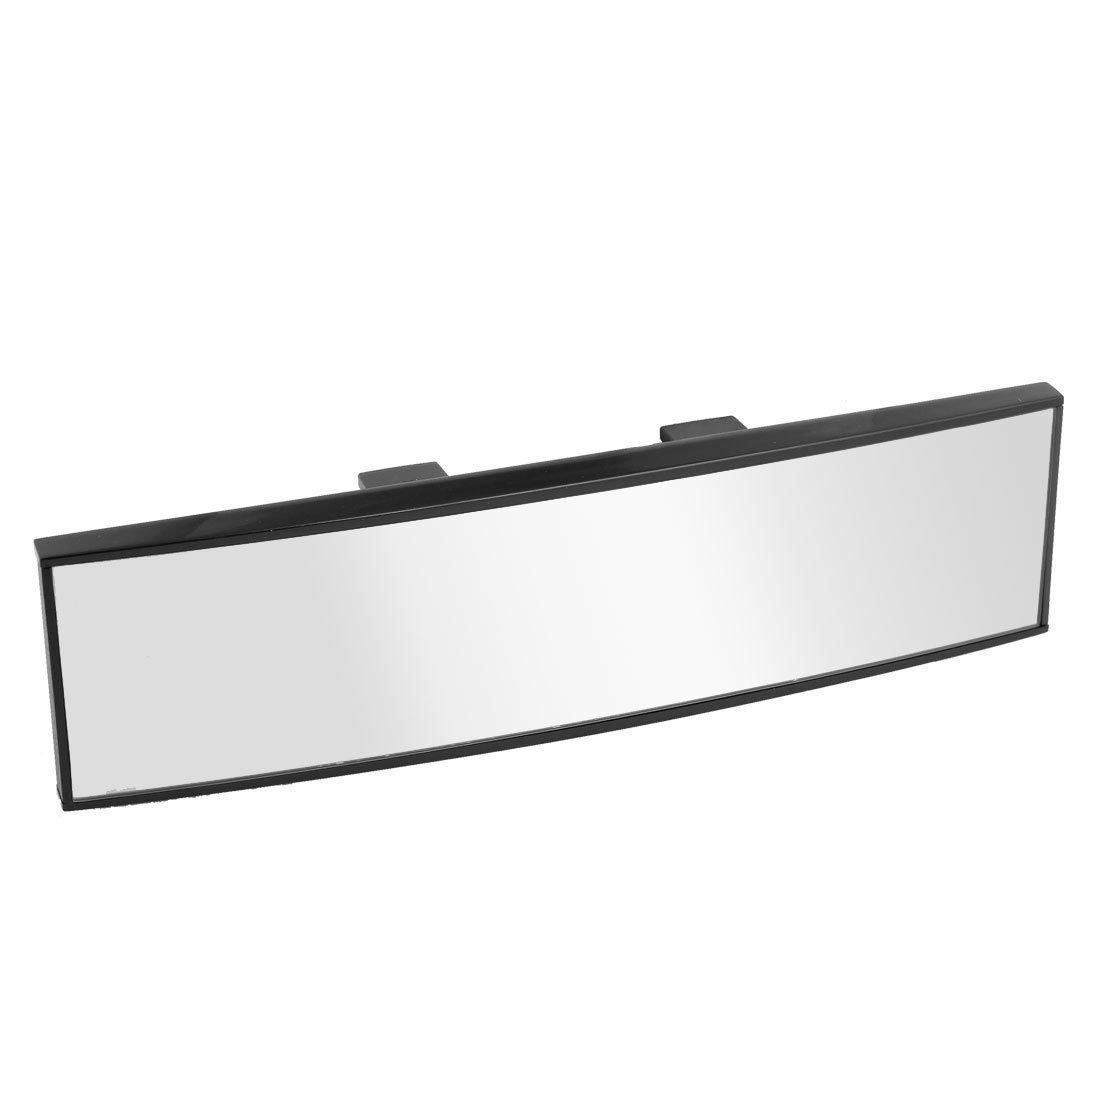 Espejo retrovisor del coche - TOOGOO(R)260 mm ancho Clip interior curvado en Espejo retrovisor del coche Universal 65mm LEPACA2966